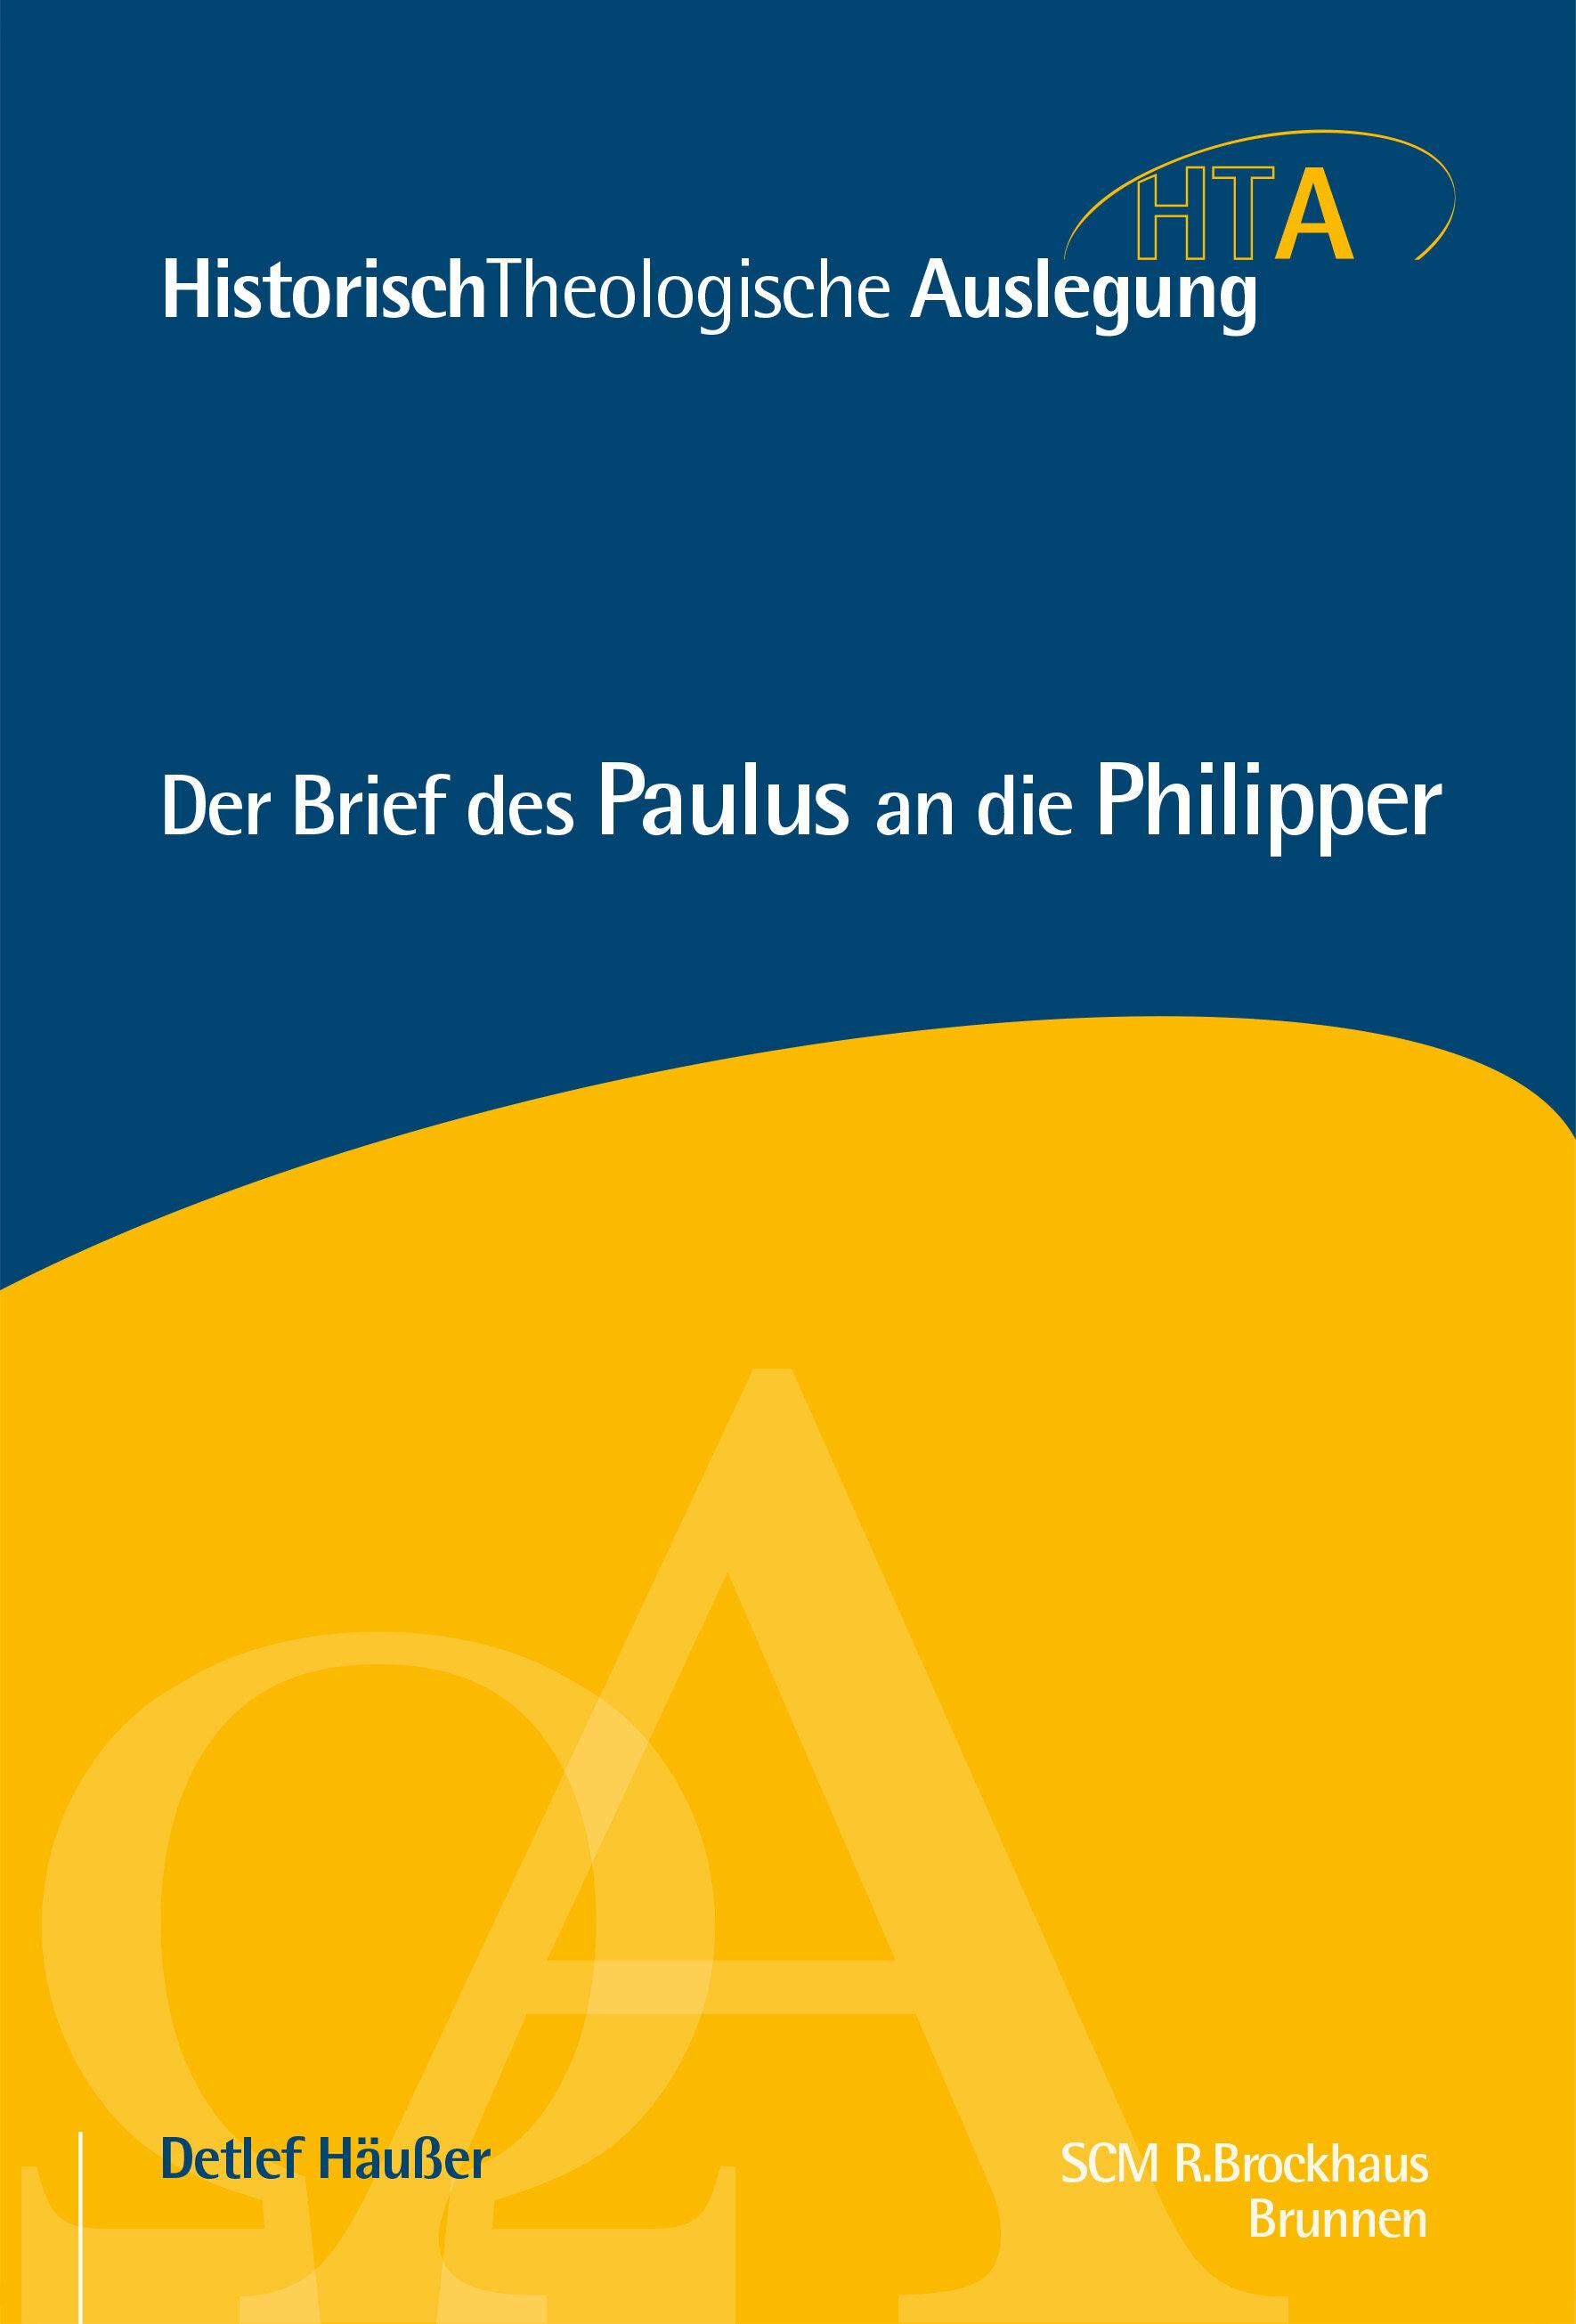 Der Brief des Paulus an die Philipper (Historisch-Theologische Auslegung | HTA)